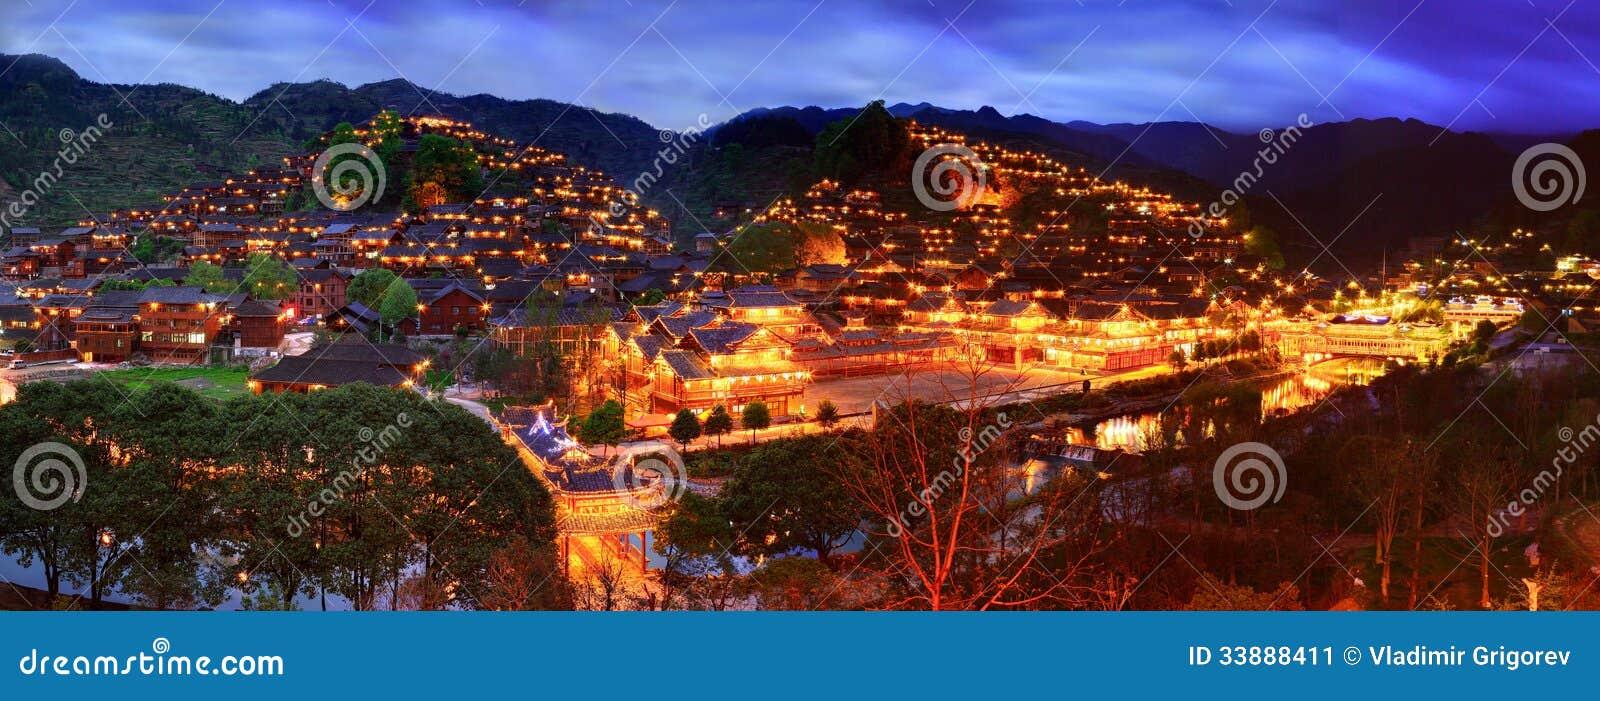 Взгляд ночи большого этнического села в юго-западном Китае.